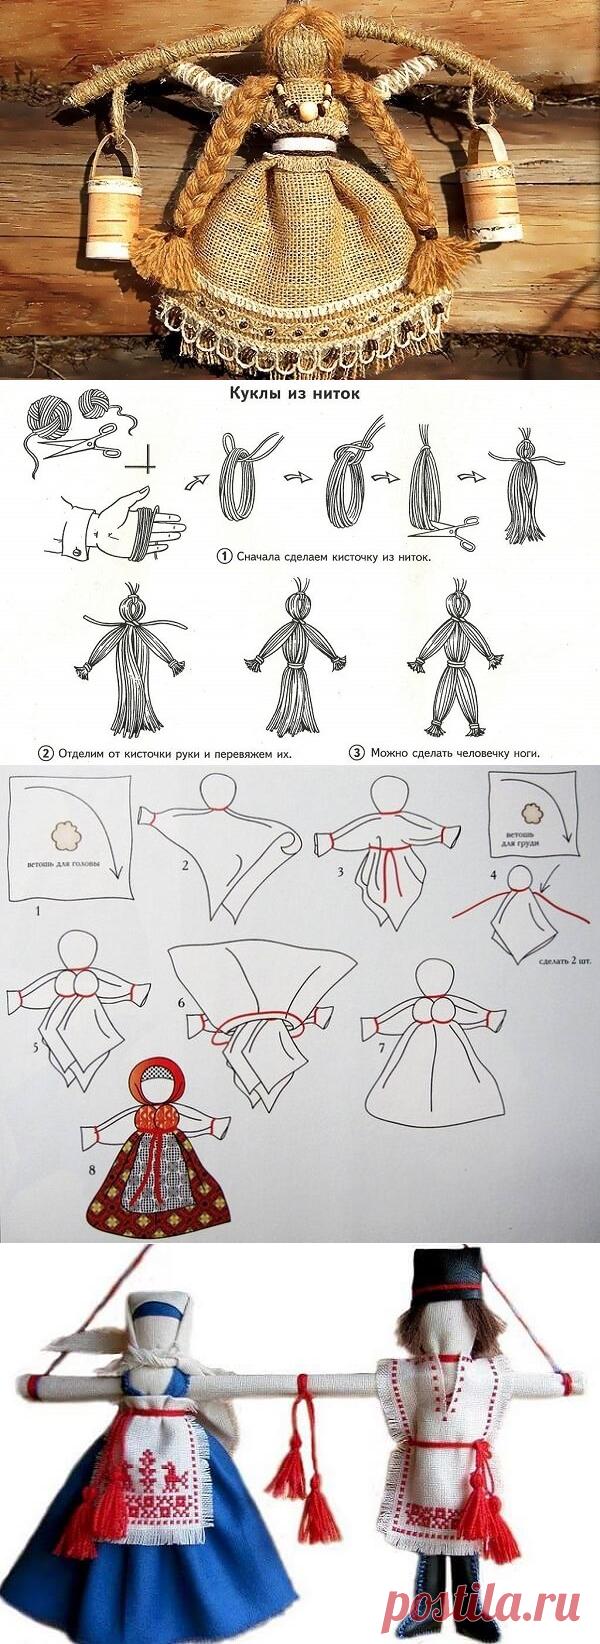 Куклы-обереги своими руками из ткани, картинки с мастер-классом   Тысяча и одна идея